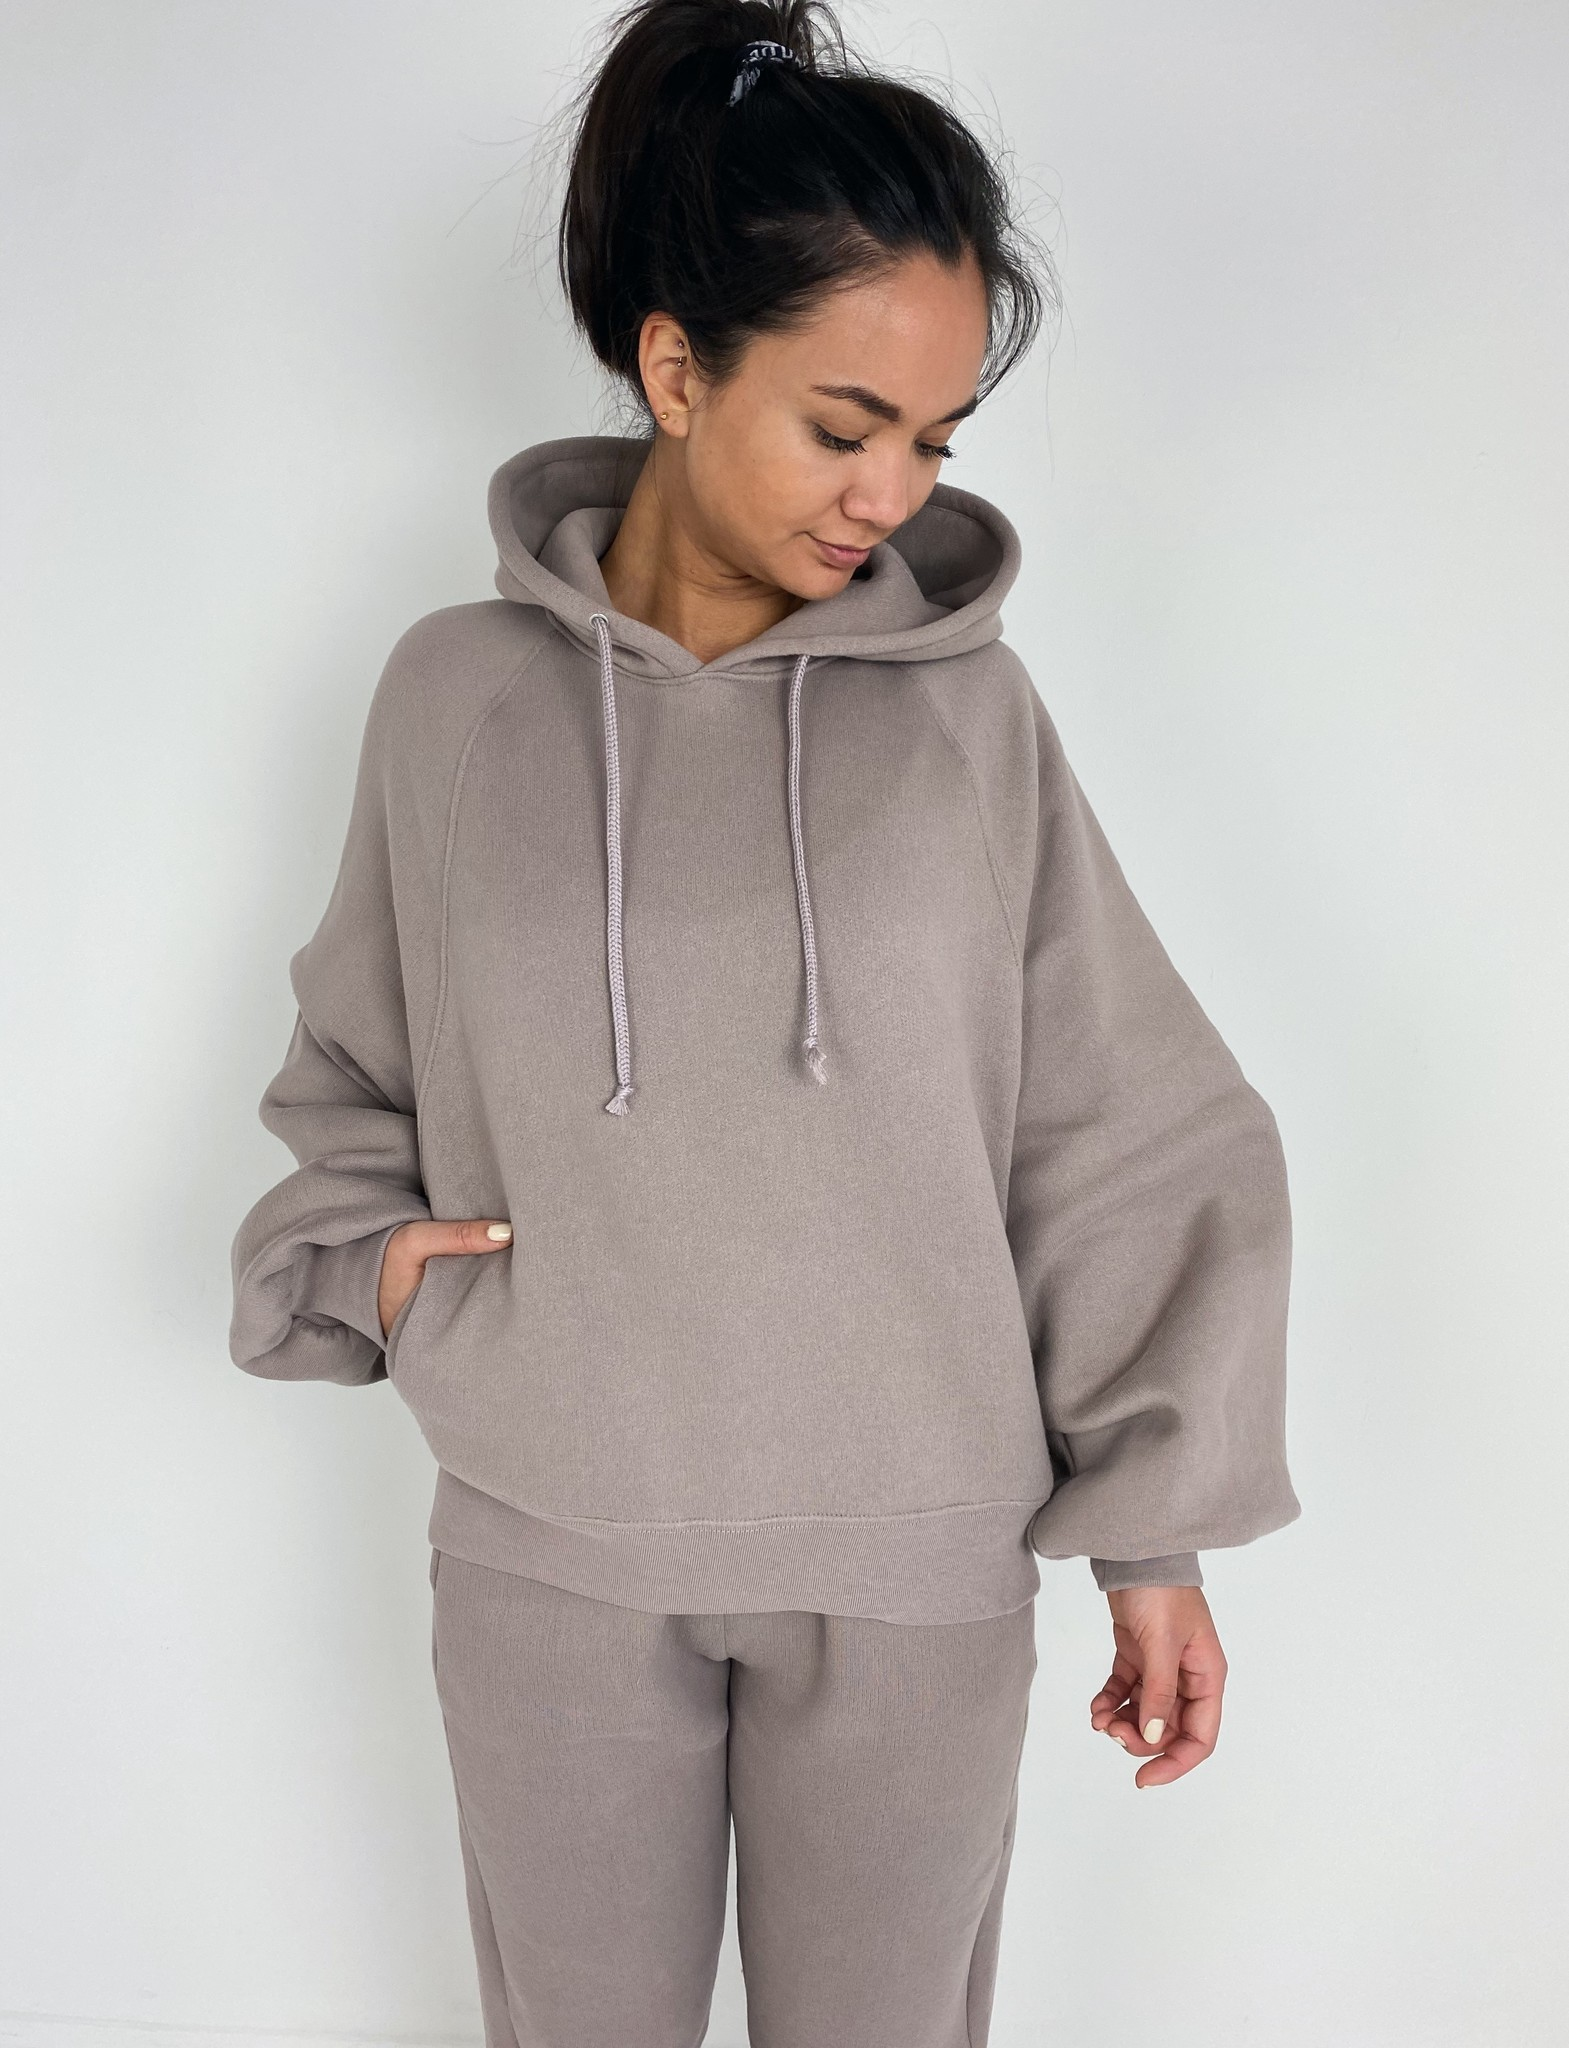 Sweater Ikatown taupe-1